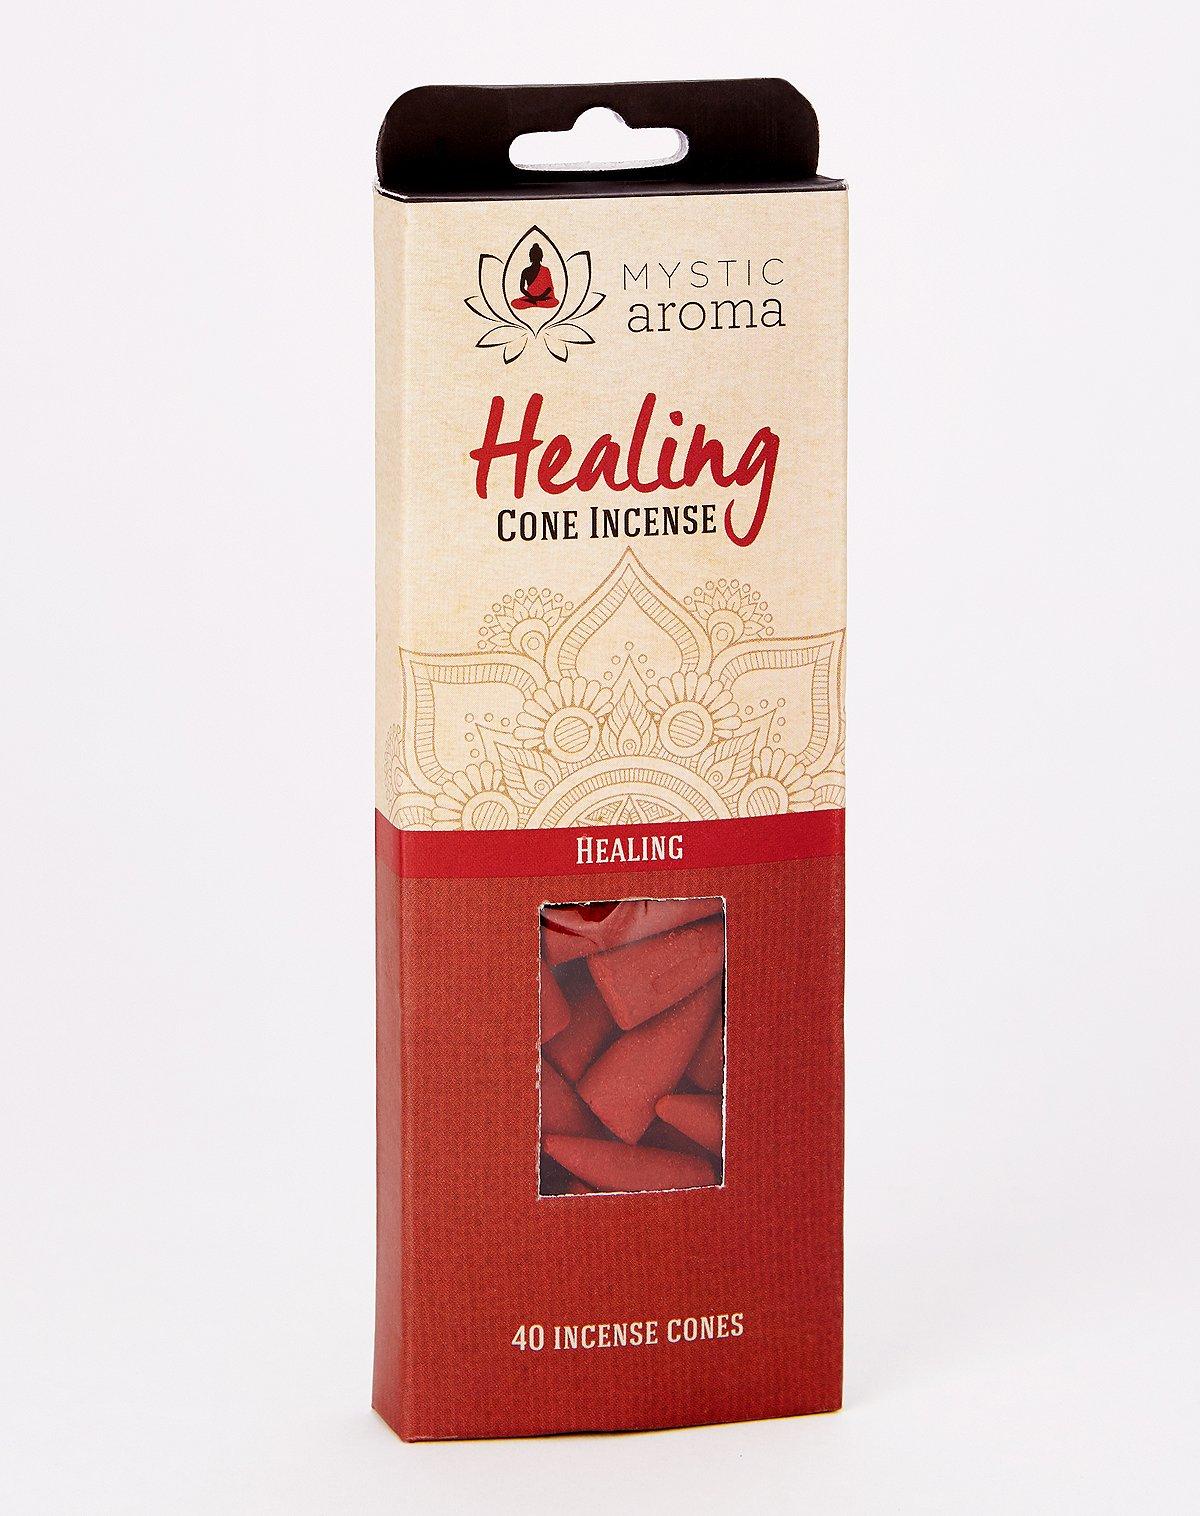 Healing incense cones